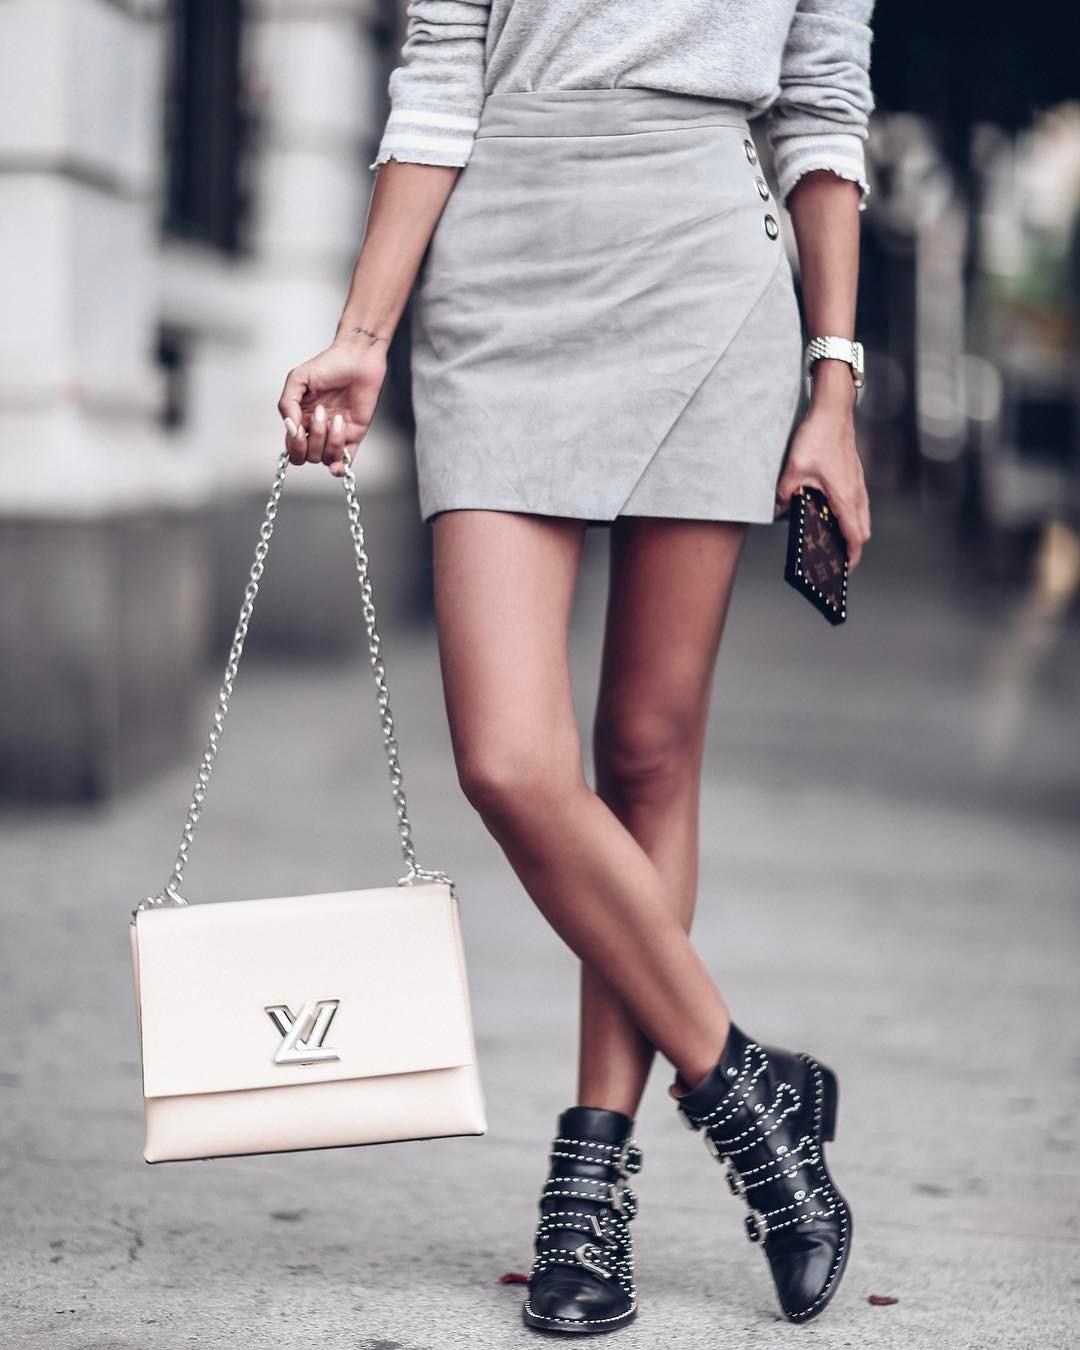 мода 2019-2020 года фото в женской одежде: серая юбка короткая с запахом